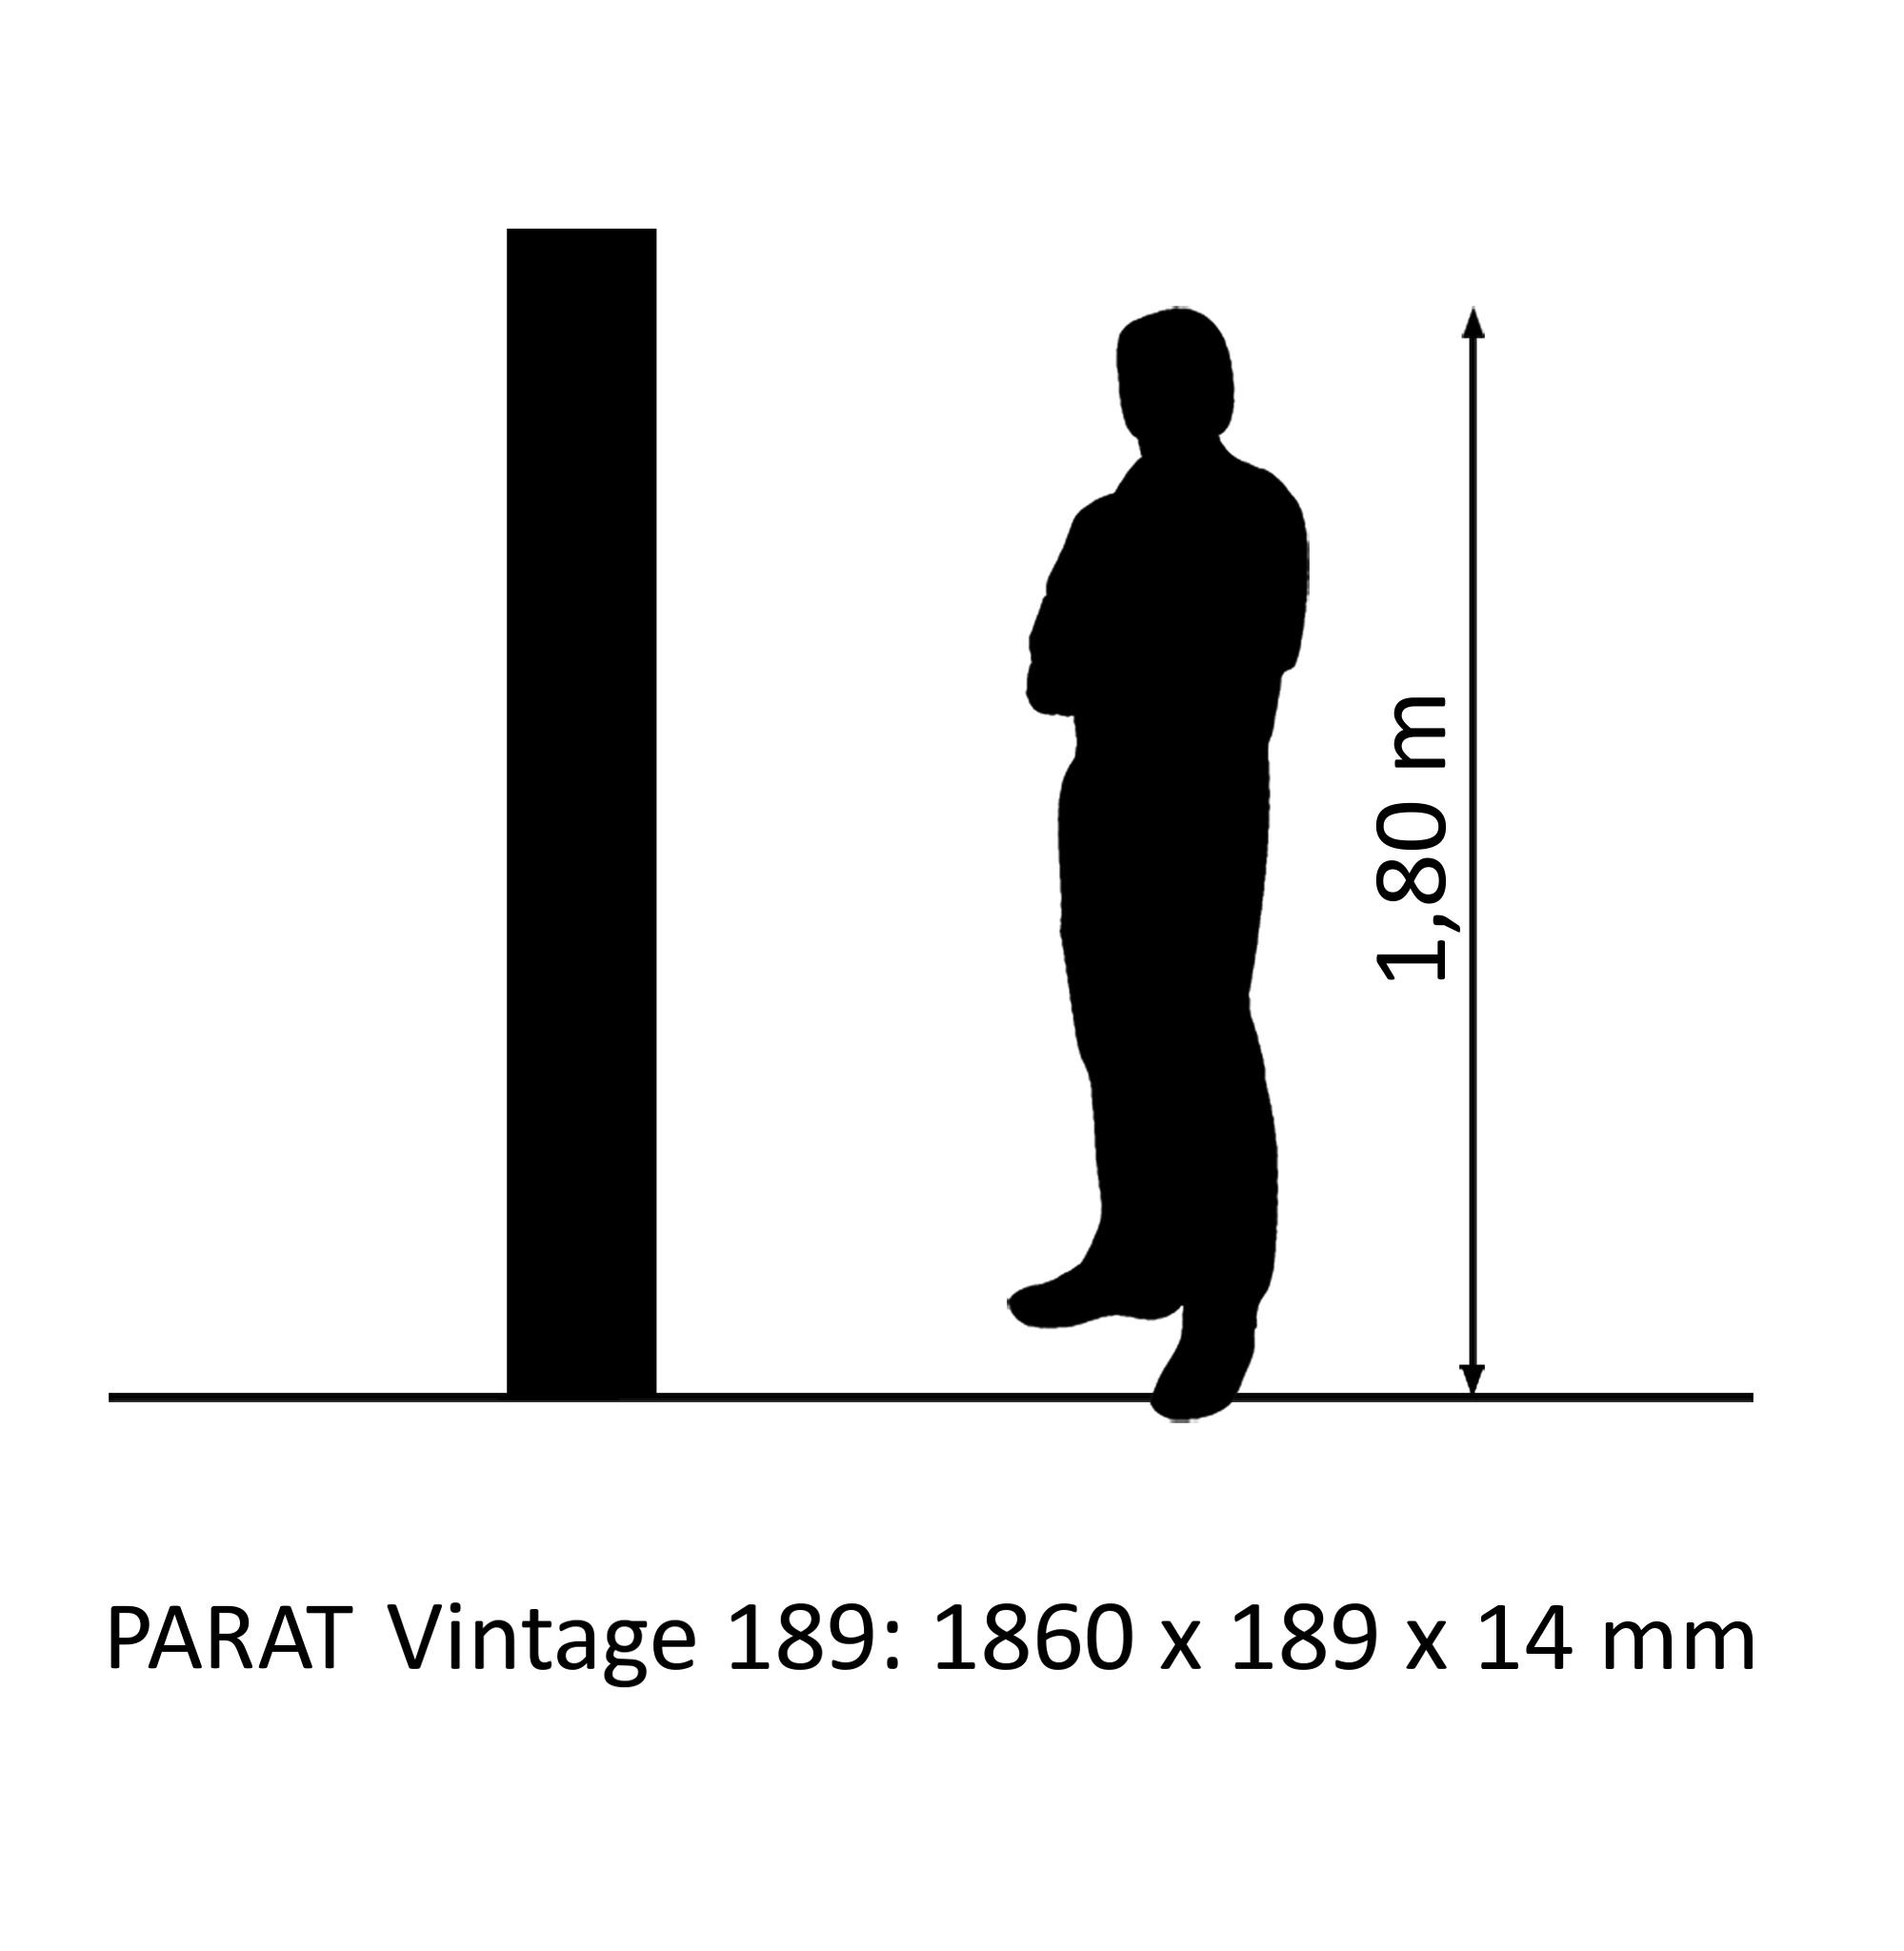 PARAT Vintage 189 oak rustic 1-strip